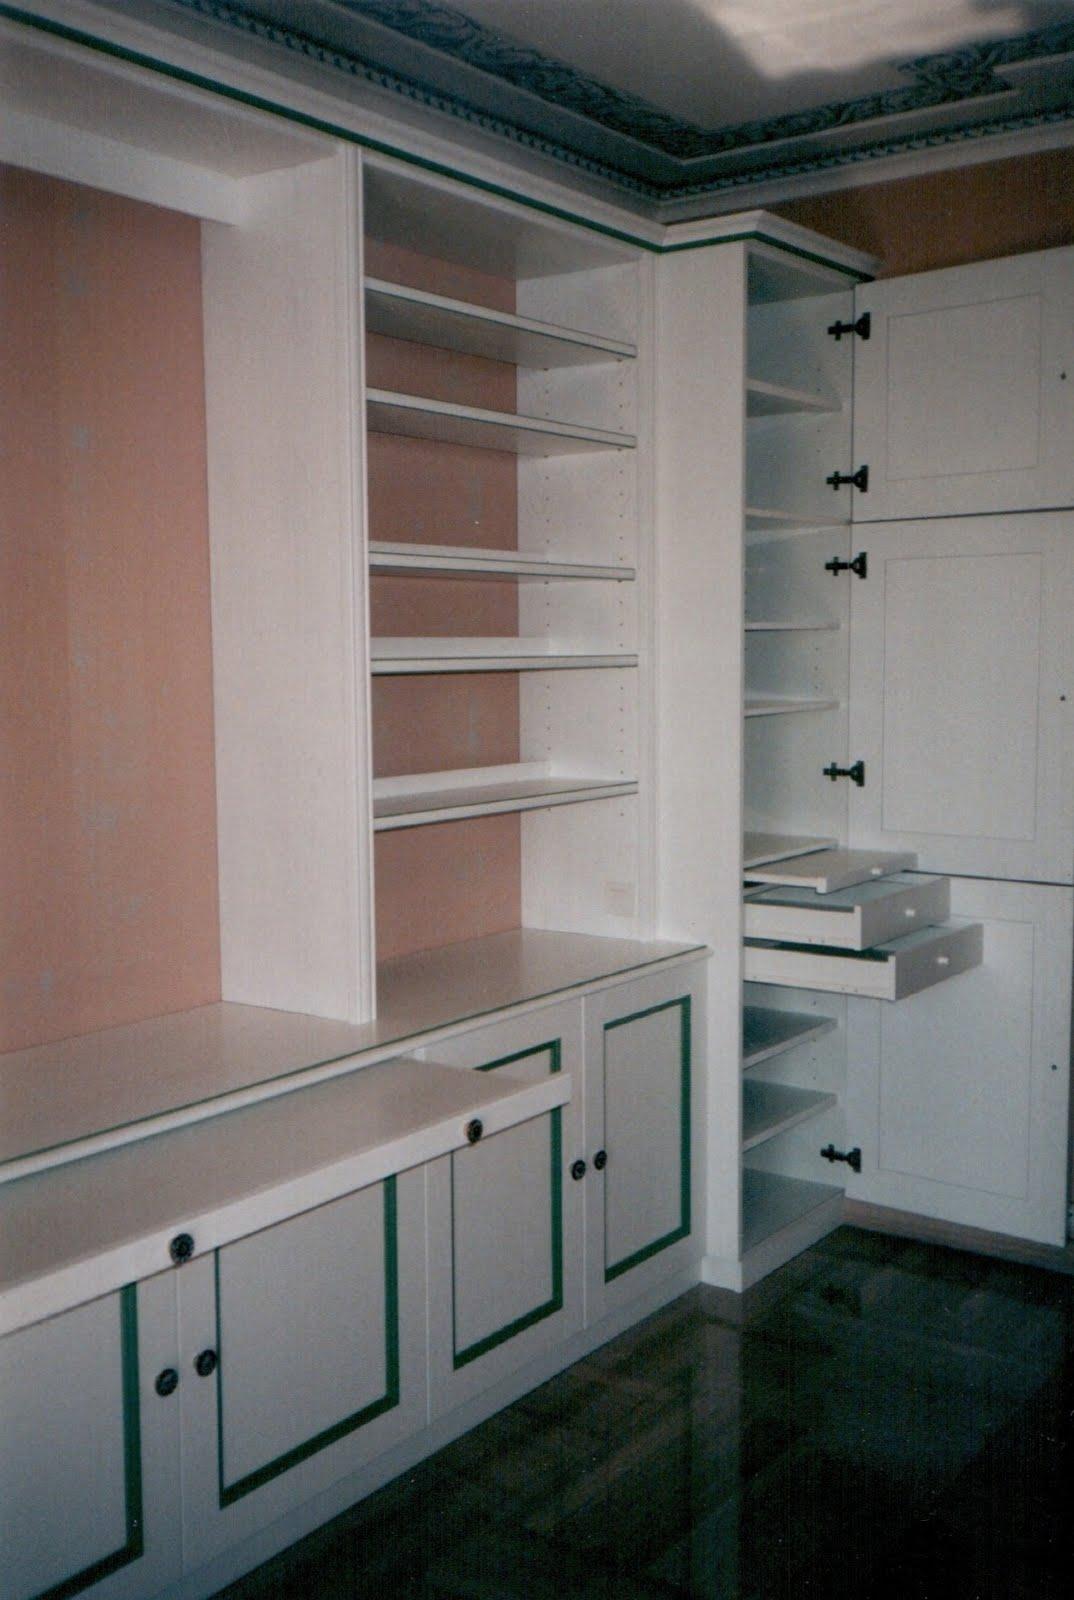 Menuiserie vanin biblioth que avec portes tag res tiroirs et tablettes r - Bibliotheque avec portes ...